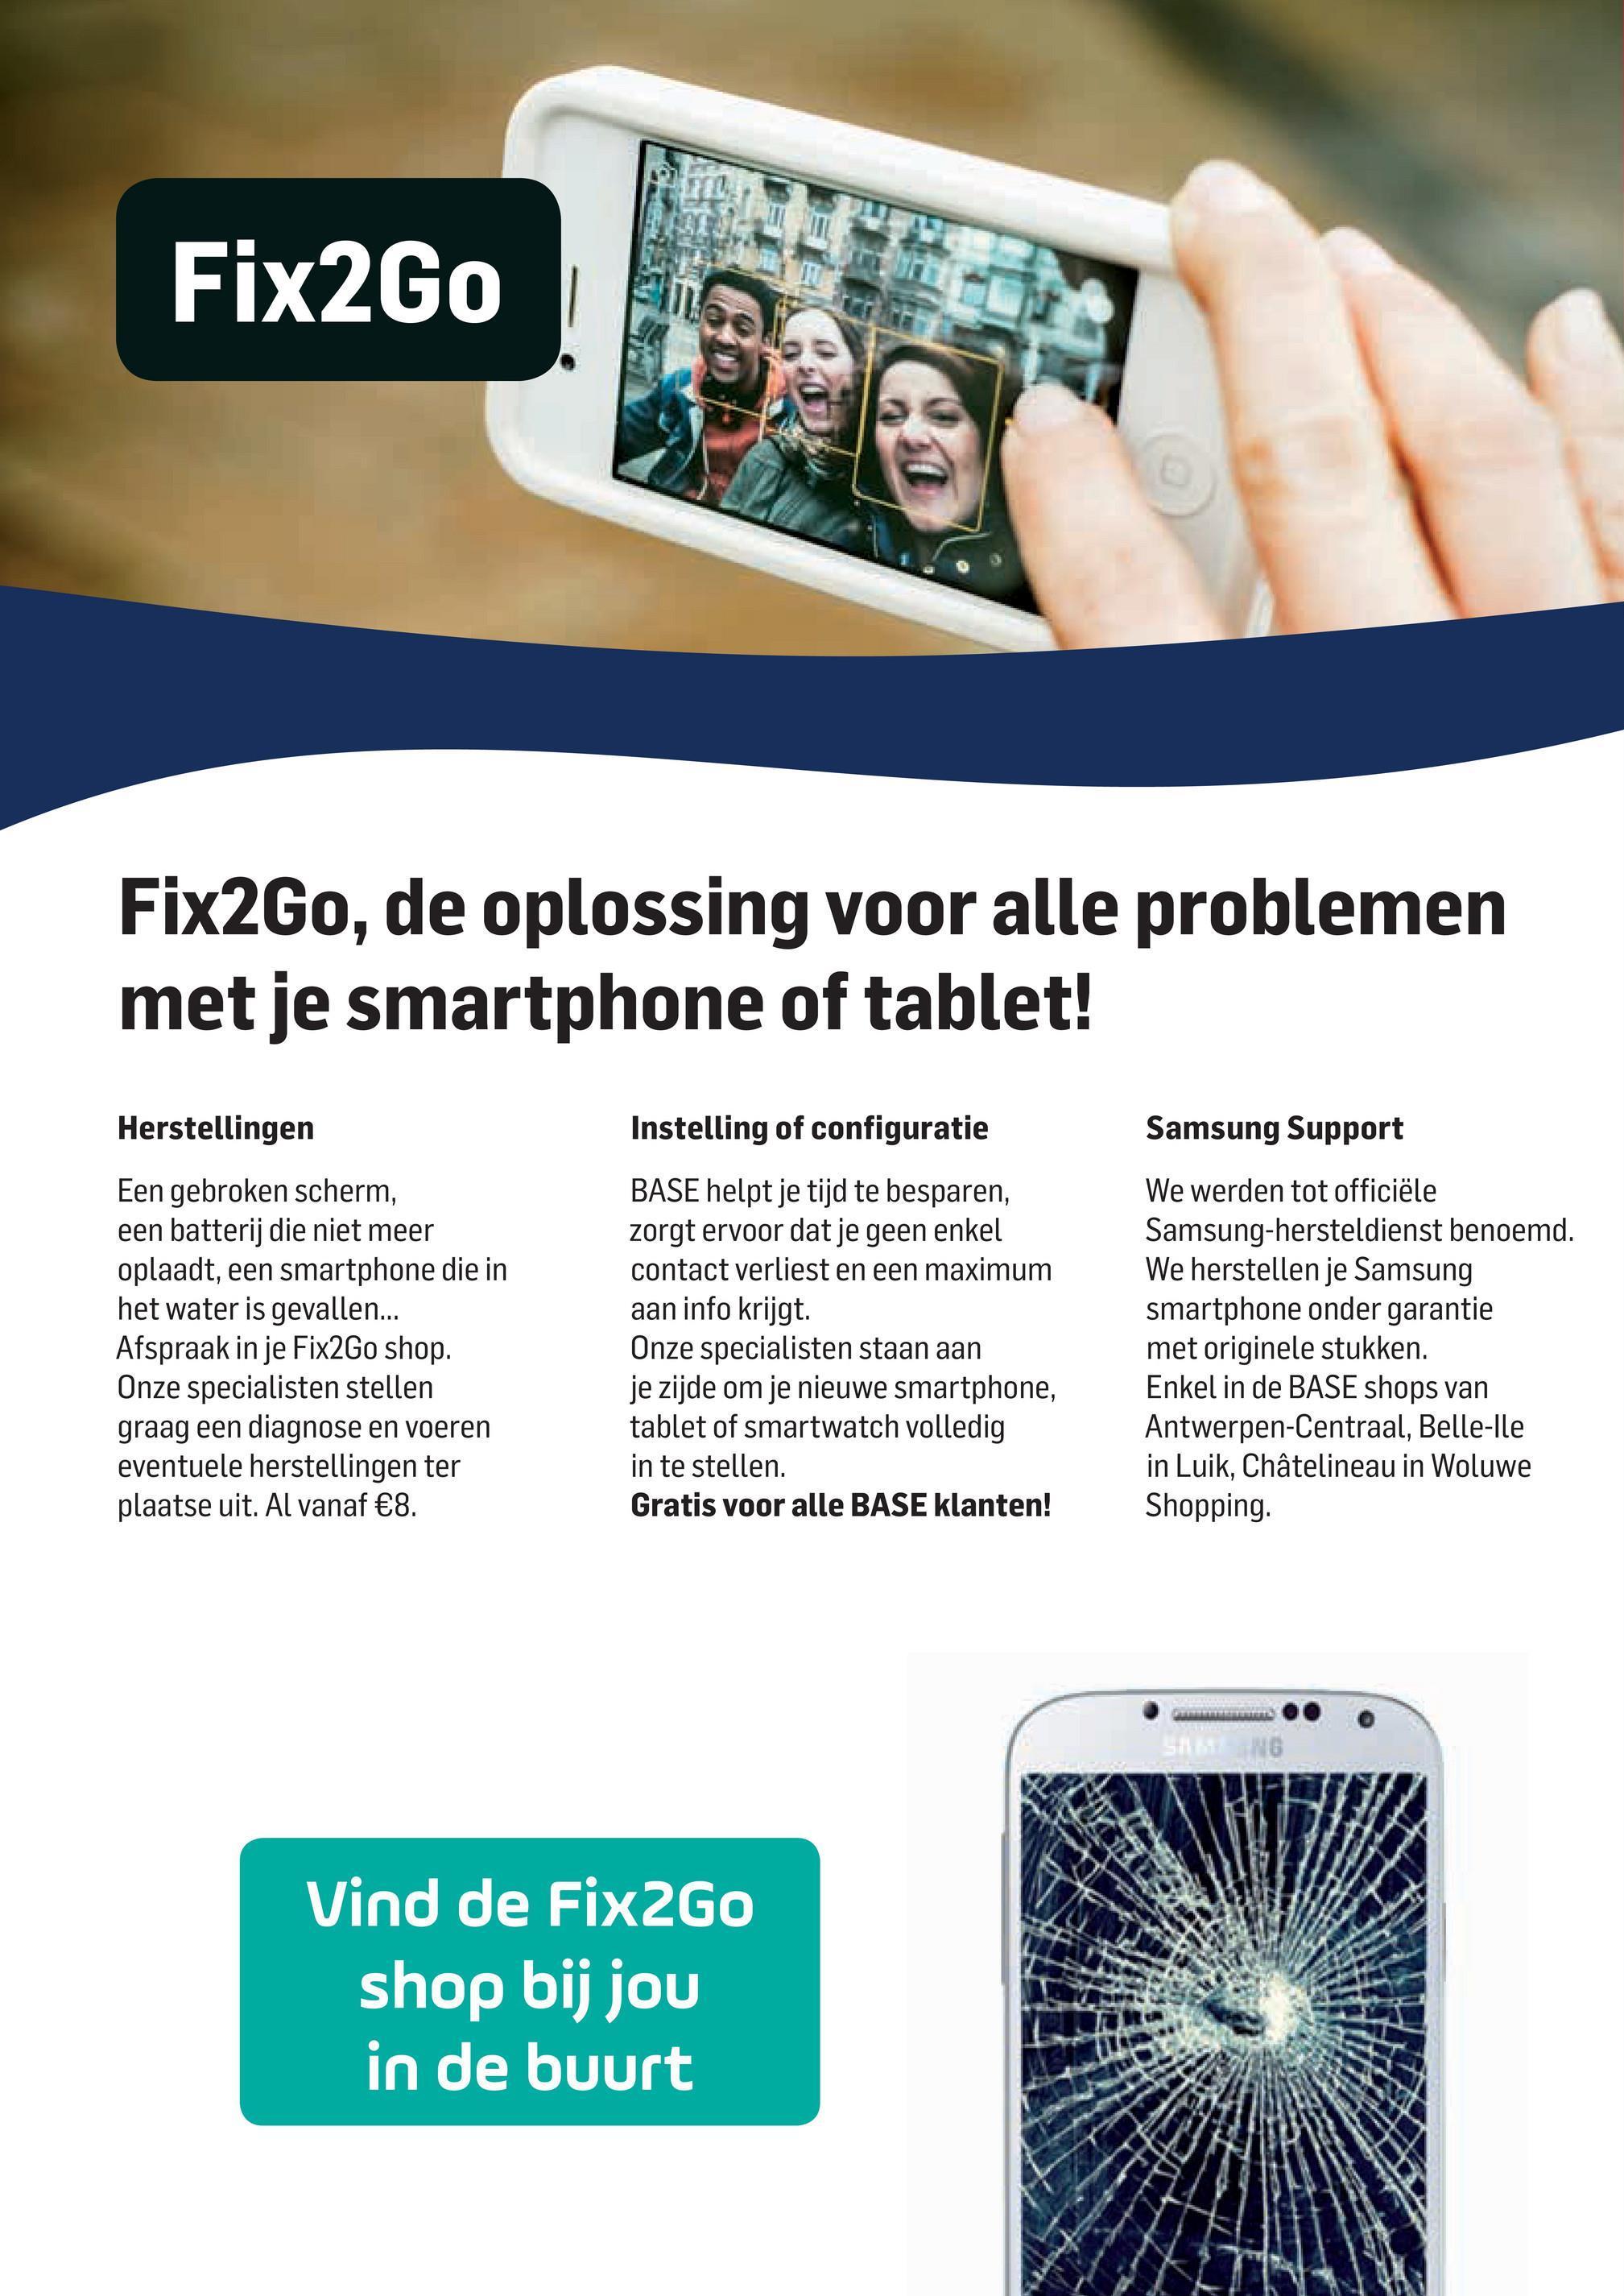 Base folder van 02/04/2018 tot 01/05/2018 - Fix2Go riano F7 | N Fix2Go, de oplossing voor alle problemen met je smartphone of tablet! Herstellingen Samsung Support Een gebroken scherm, een batterij die niet meer oplaadt, een smartphone die in het water is gevallen... Afspraak in je Fix2Go shop. Onze specialisten stellen graag een diagnose en voeren eventuele herstellingen ter plaatse uit. Al vanaf €8. Instelling of configuratie BASE helpt je tijd te besparen, zorgt ervoor dat je geen enkel contact verliest en een maximum aan info krijgt. Onze specialisten staan aan je zijde om je nieuwe smartphone, tablet of smartwatch volledig in te stellen. Gratis voor alle BASE klanten! We werden tot officiële Samsung-hersteldienst benoemd. We herstellen je Samsung smartphone onder garantie met originele stukken. Enkel in de BASE shops van Antwerpen-Centraal, Belle-lle in Luik, Châtelineau in Woluwe Shopping. Vind de Fix2Go shop bij jou in de buurt